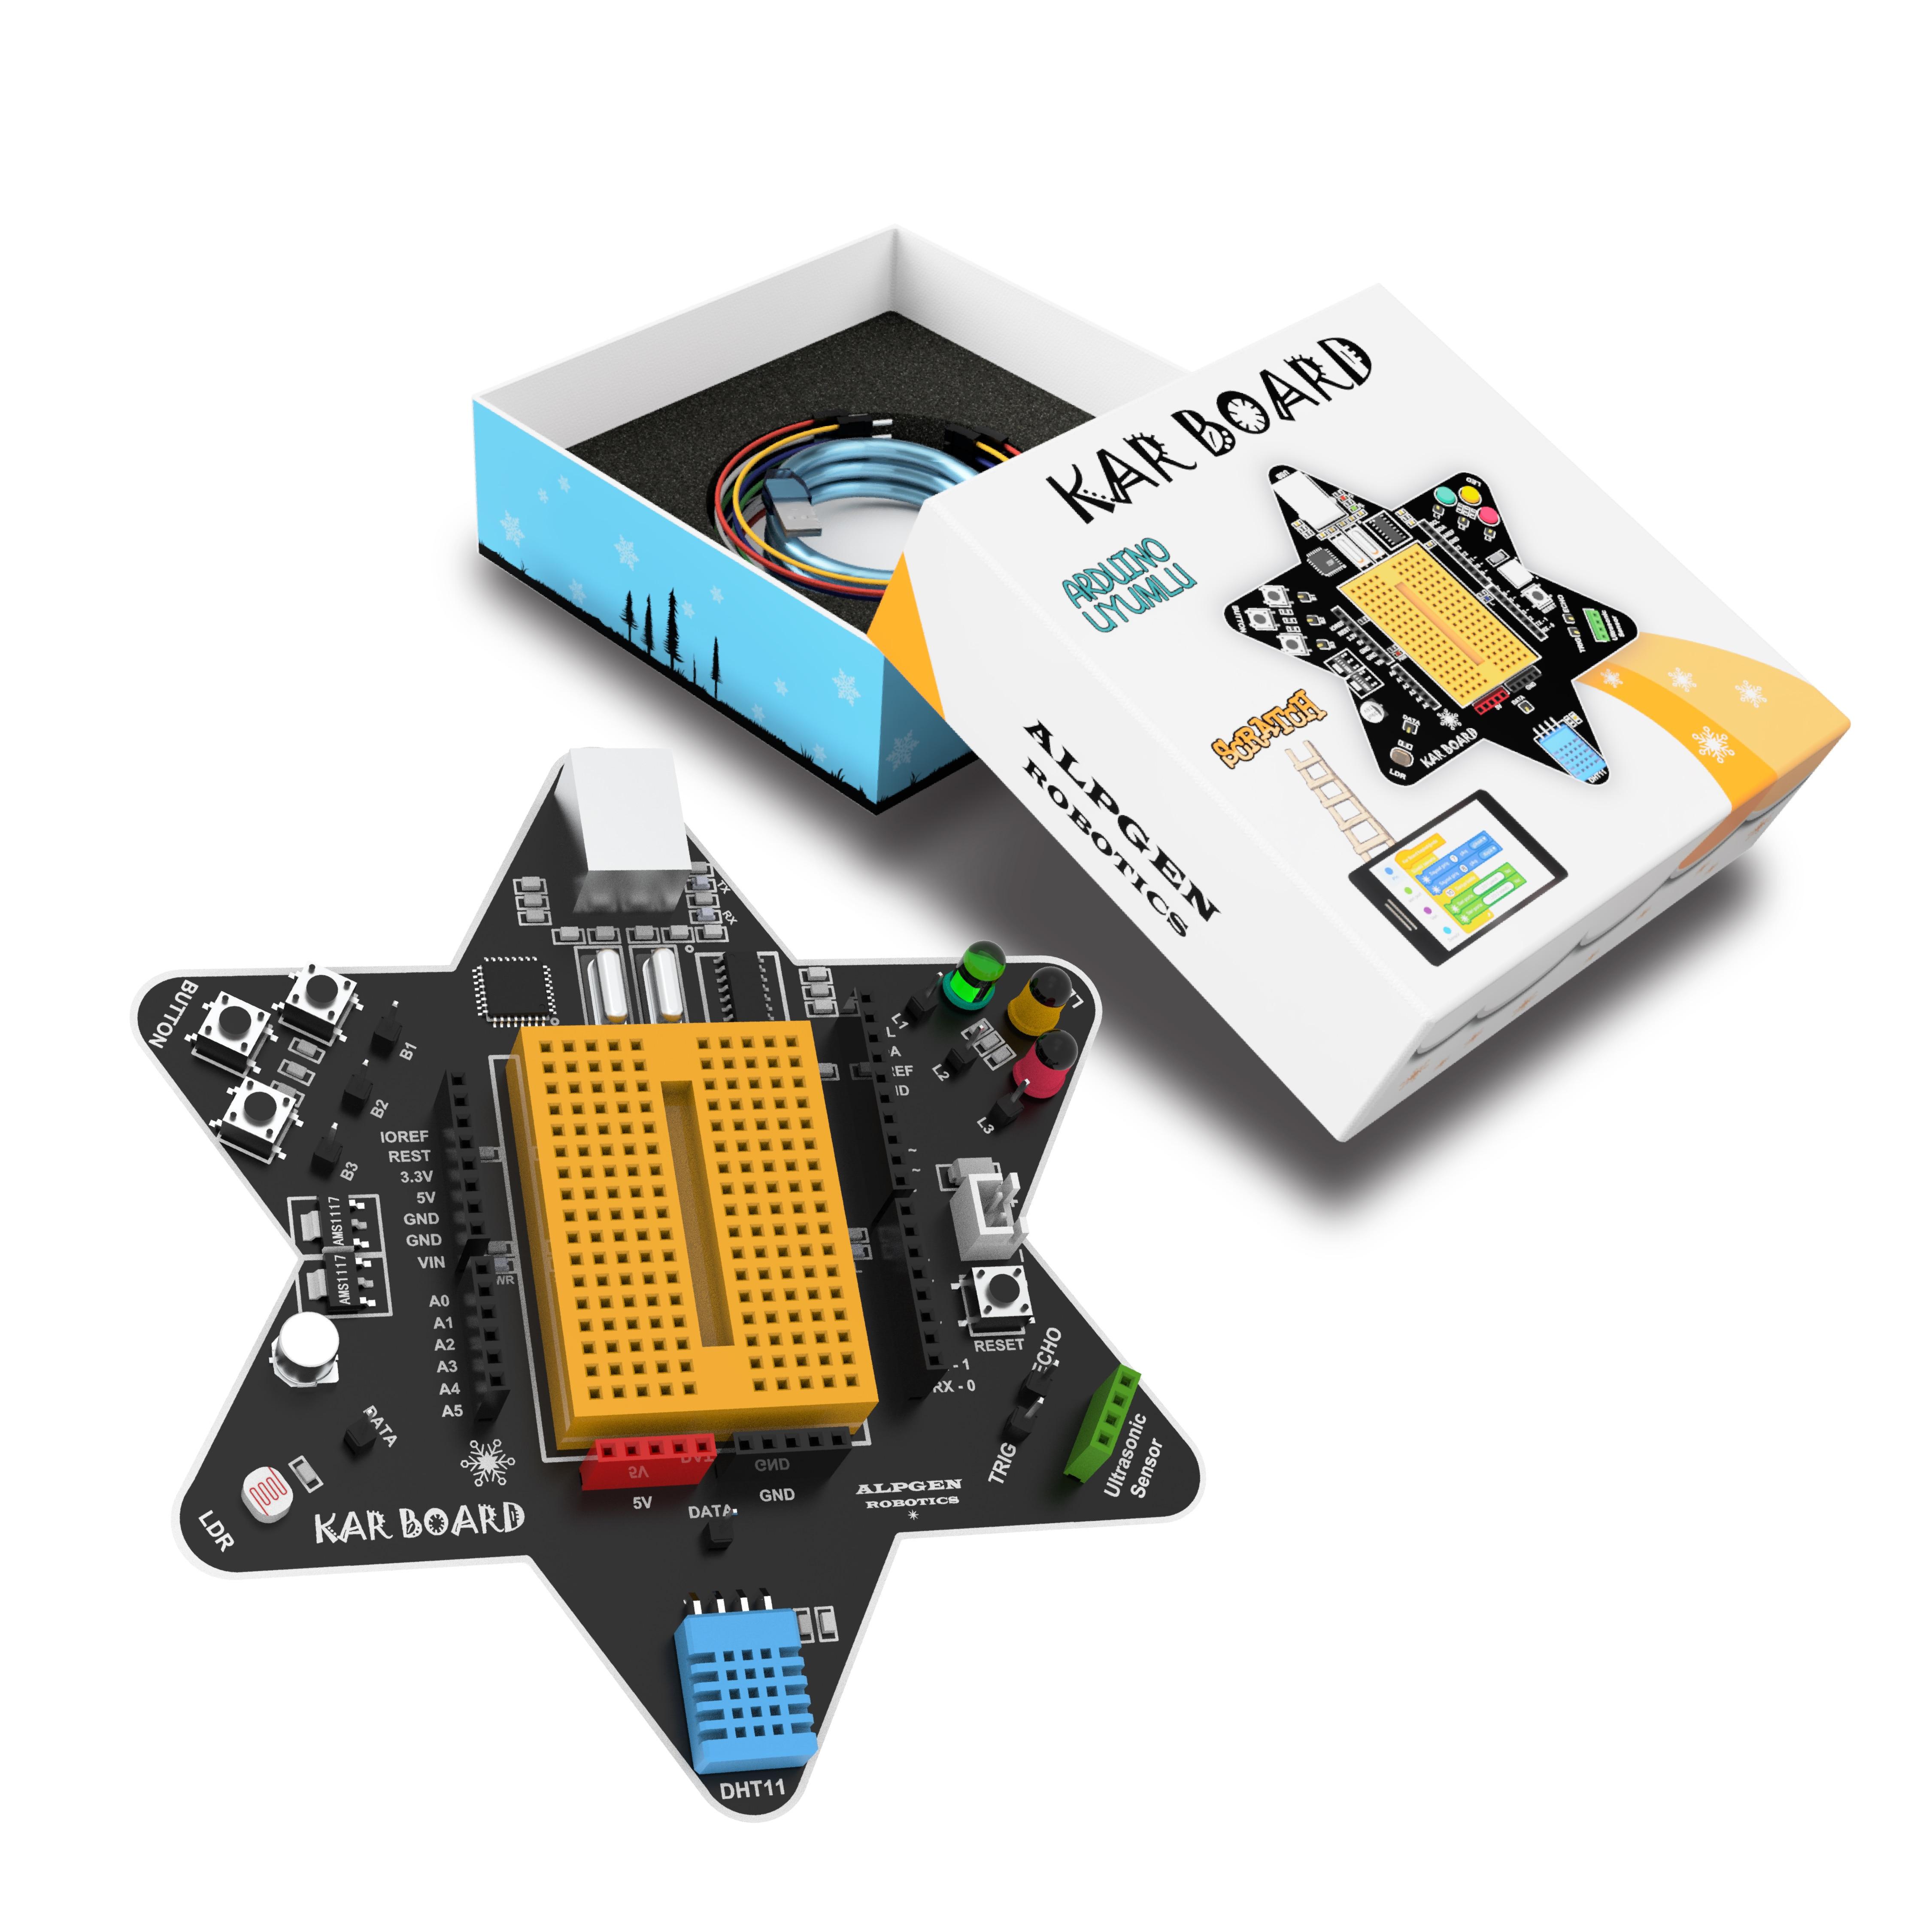 KarBoard Arduino Uno на основе робота робот в наборе для детей-лего для обучения, сборный Atmega328 Arduino UNO основе mBlock кодирования